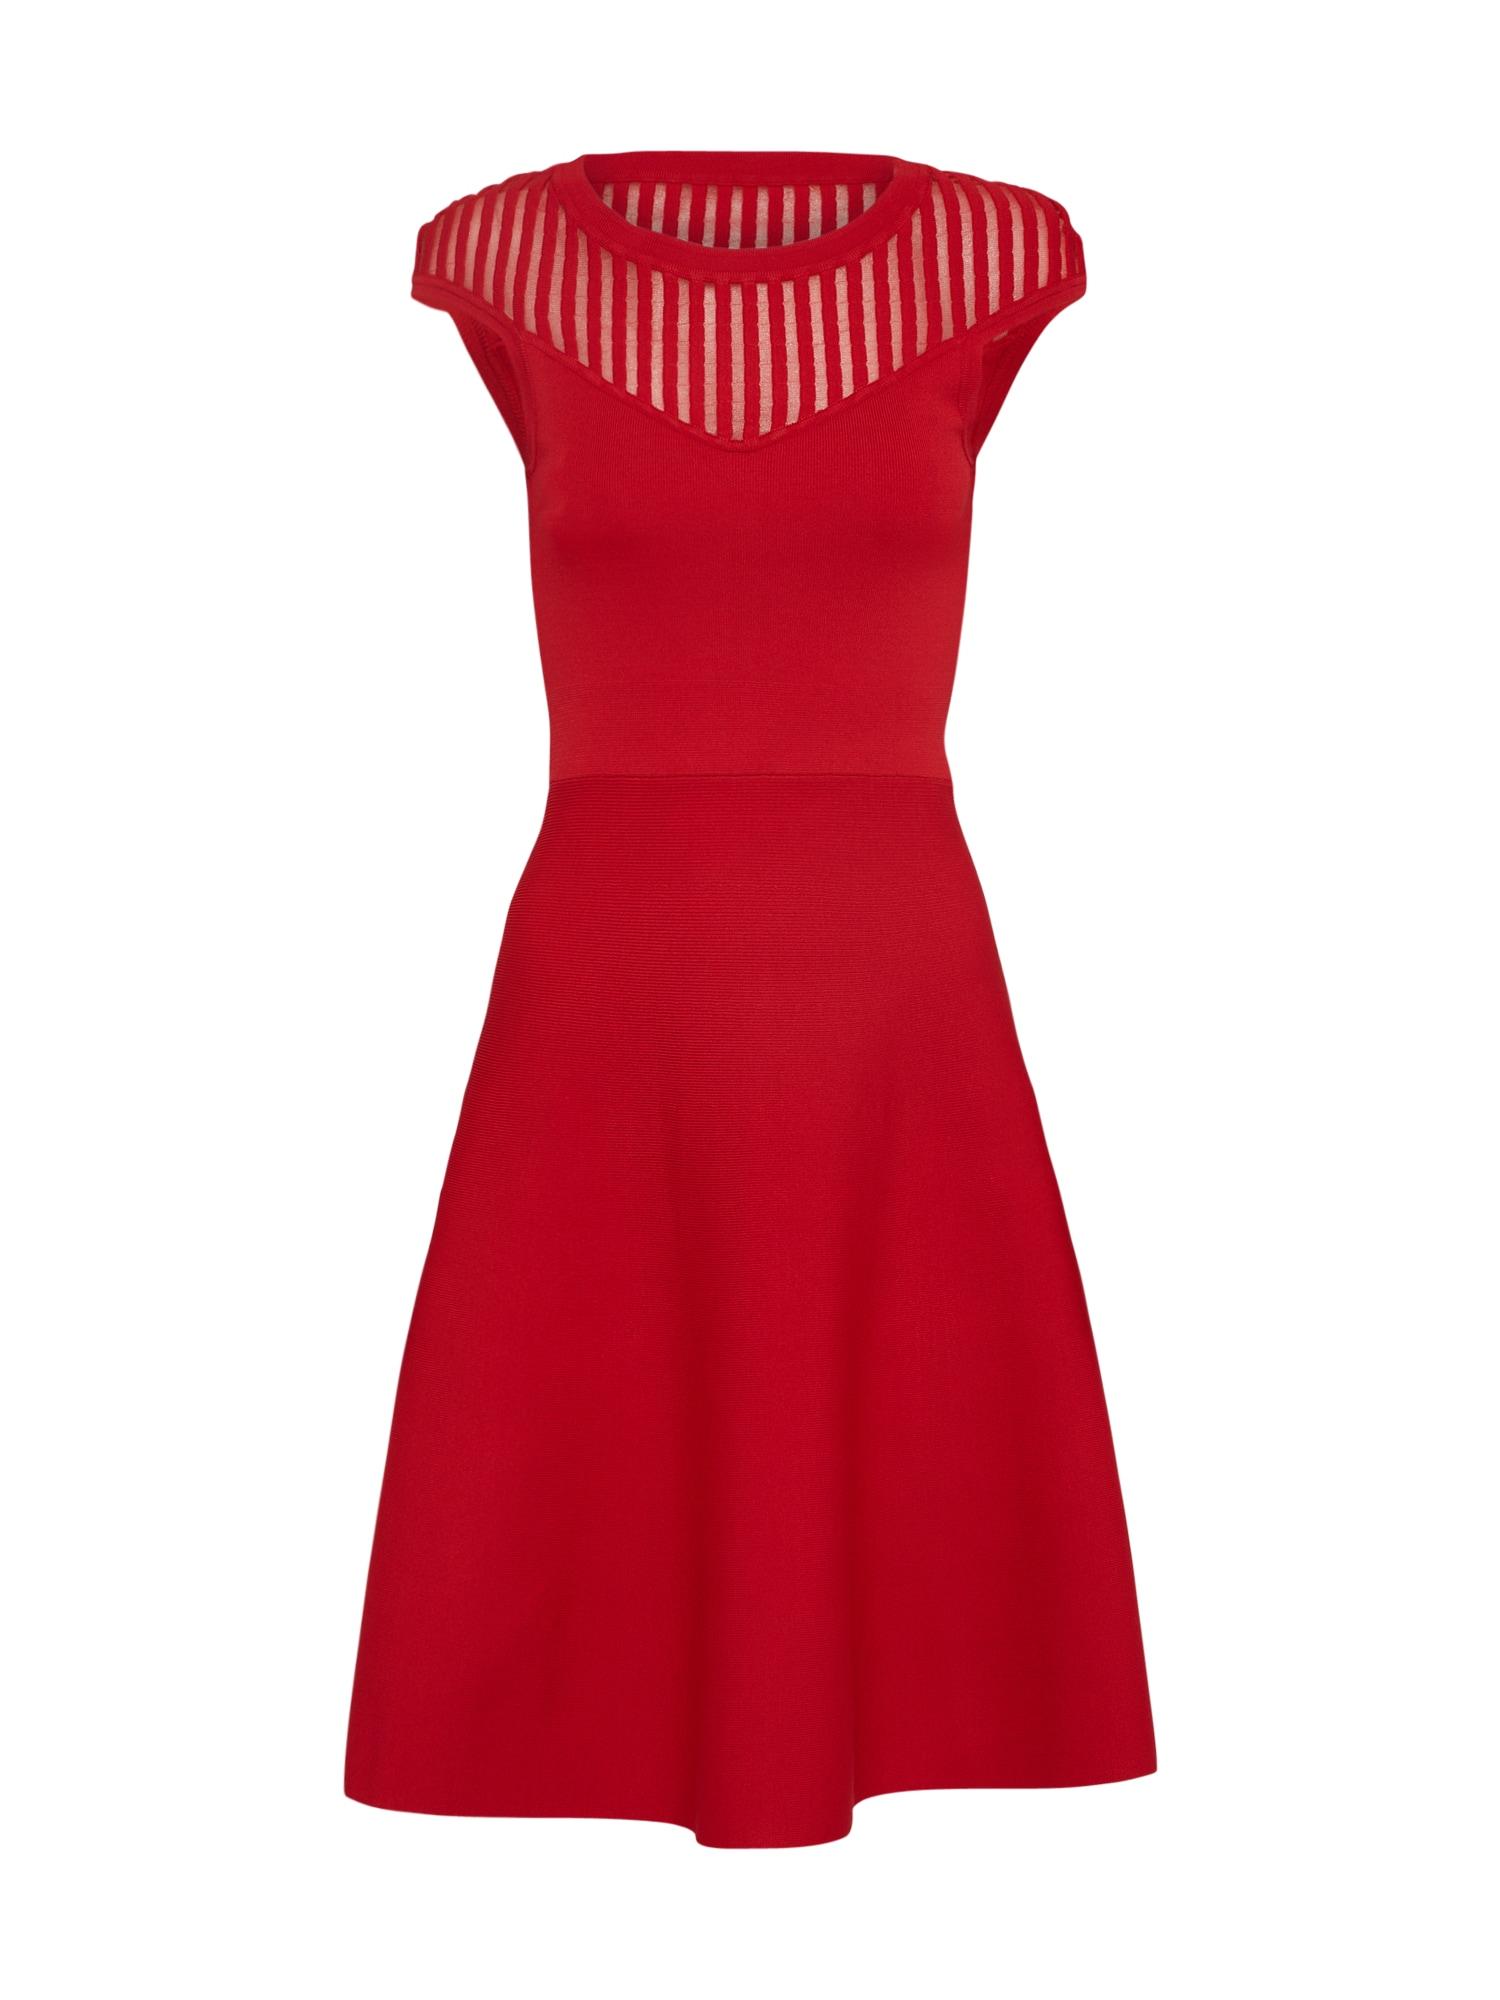 FRENCH CONNECTION Sukienka koktajlowa 'Rose Crepe Knit'  ognisto-czerwony